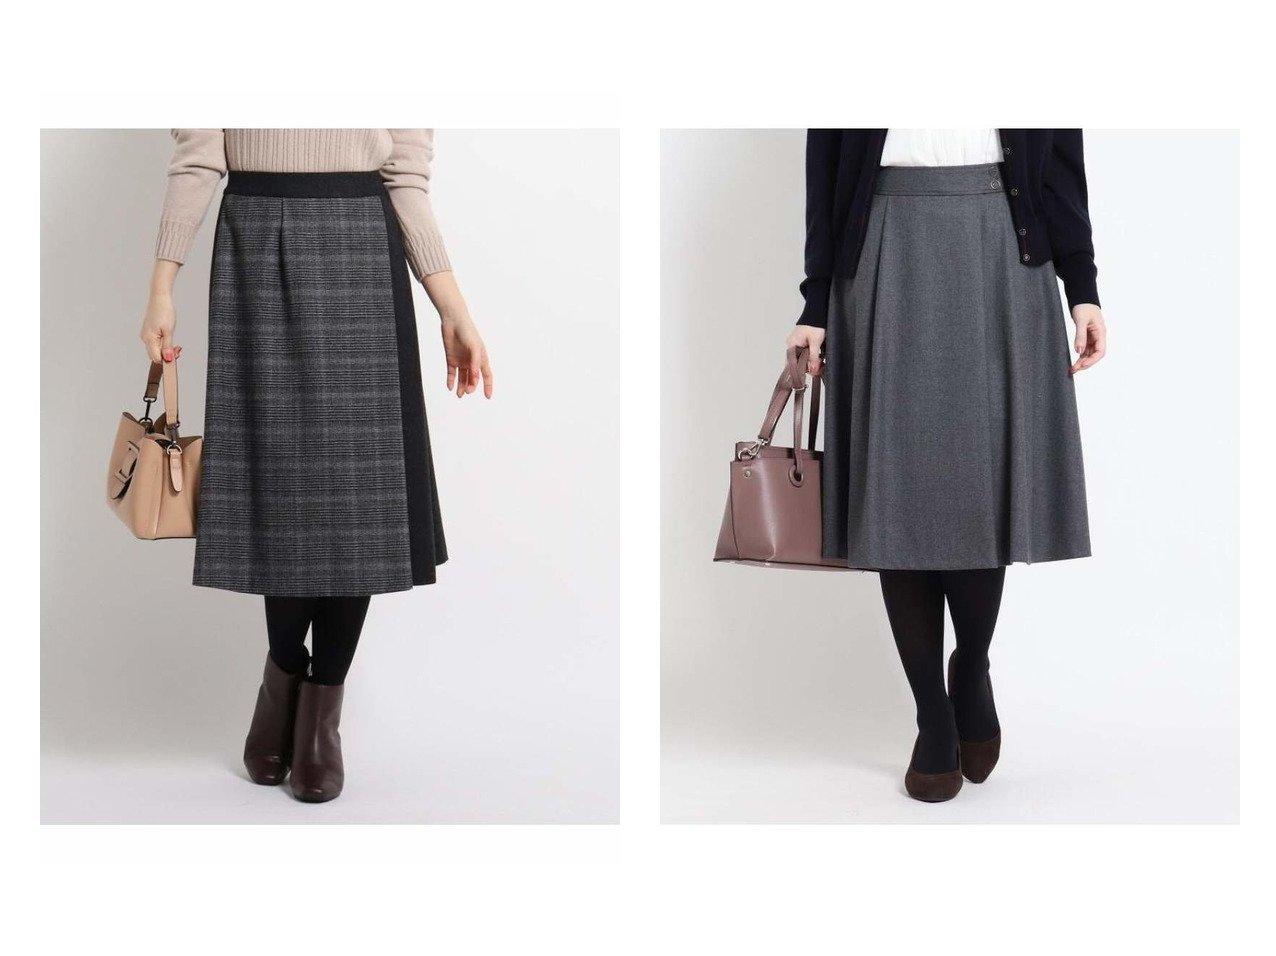 【Reflect/リフレクト】のラップ風グレンチェックスカート&ラップ風サキソニースカート スカートのおすすめ!人気、トレンド・レディースファッションの通販  おすすめで人気の流行・トレンド、ファッションの通販商品 メンズファッション・キッズファッション・インテリア・家具・レディースファッション・服の通販 founy(ファニー) https://founy.com/ ファッション Fashion レディースファッション WOMEN スカート Skirt チェック ツィード ラップ 無地 コンパクト フレア ベーシック |ID:crp329100000009702